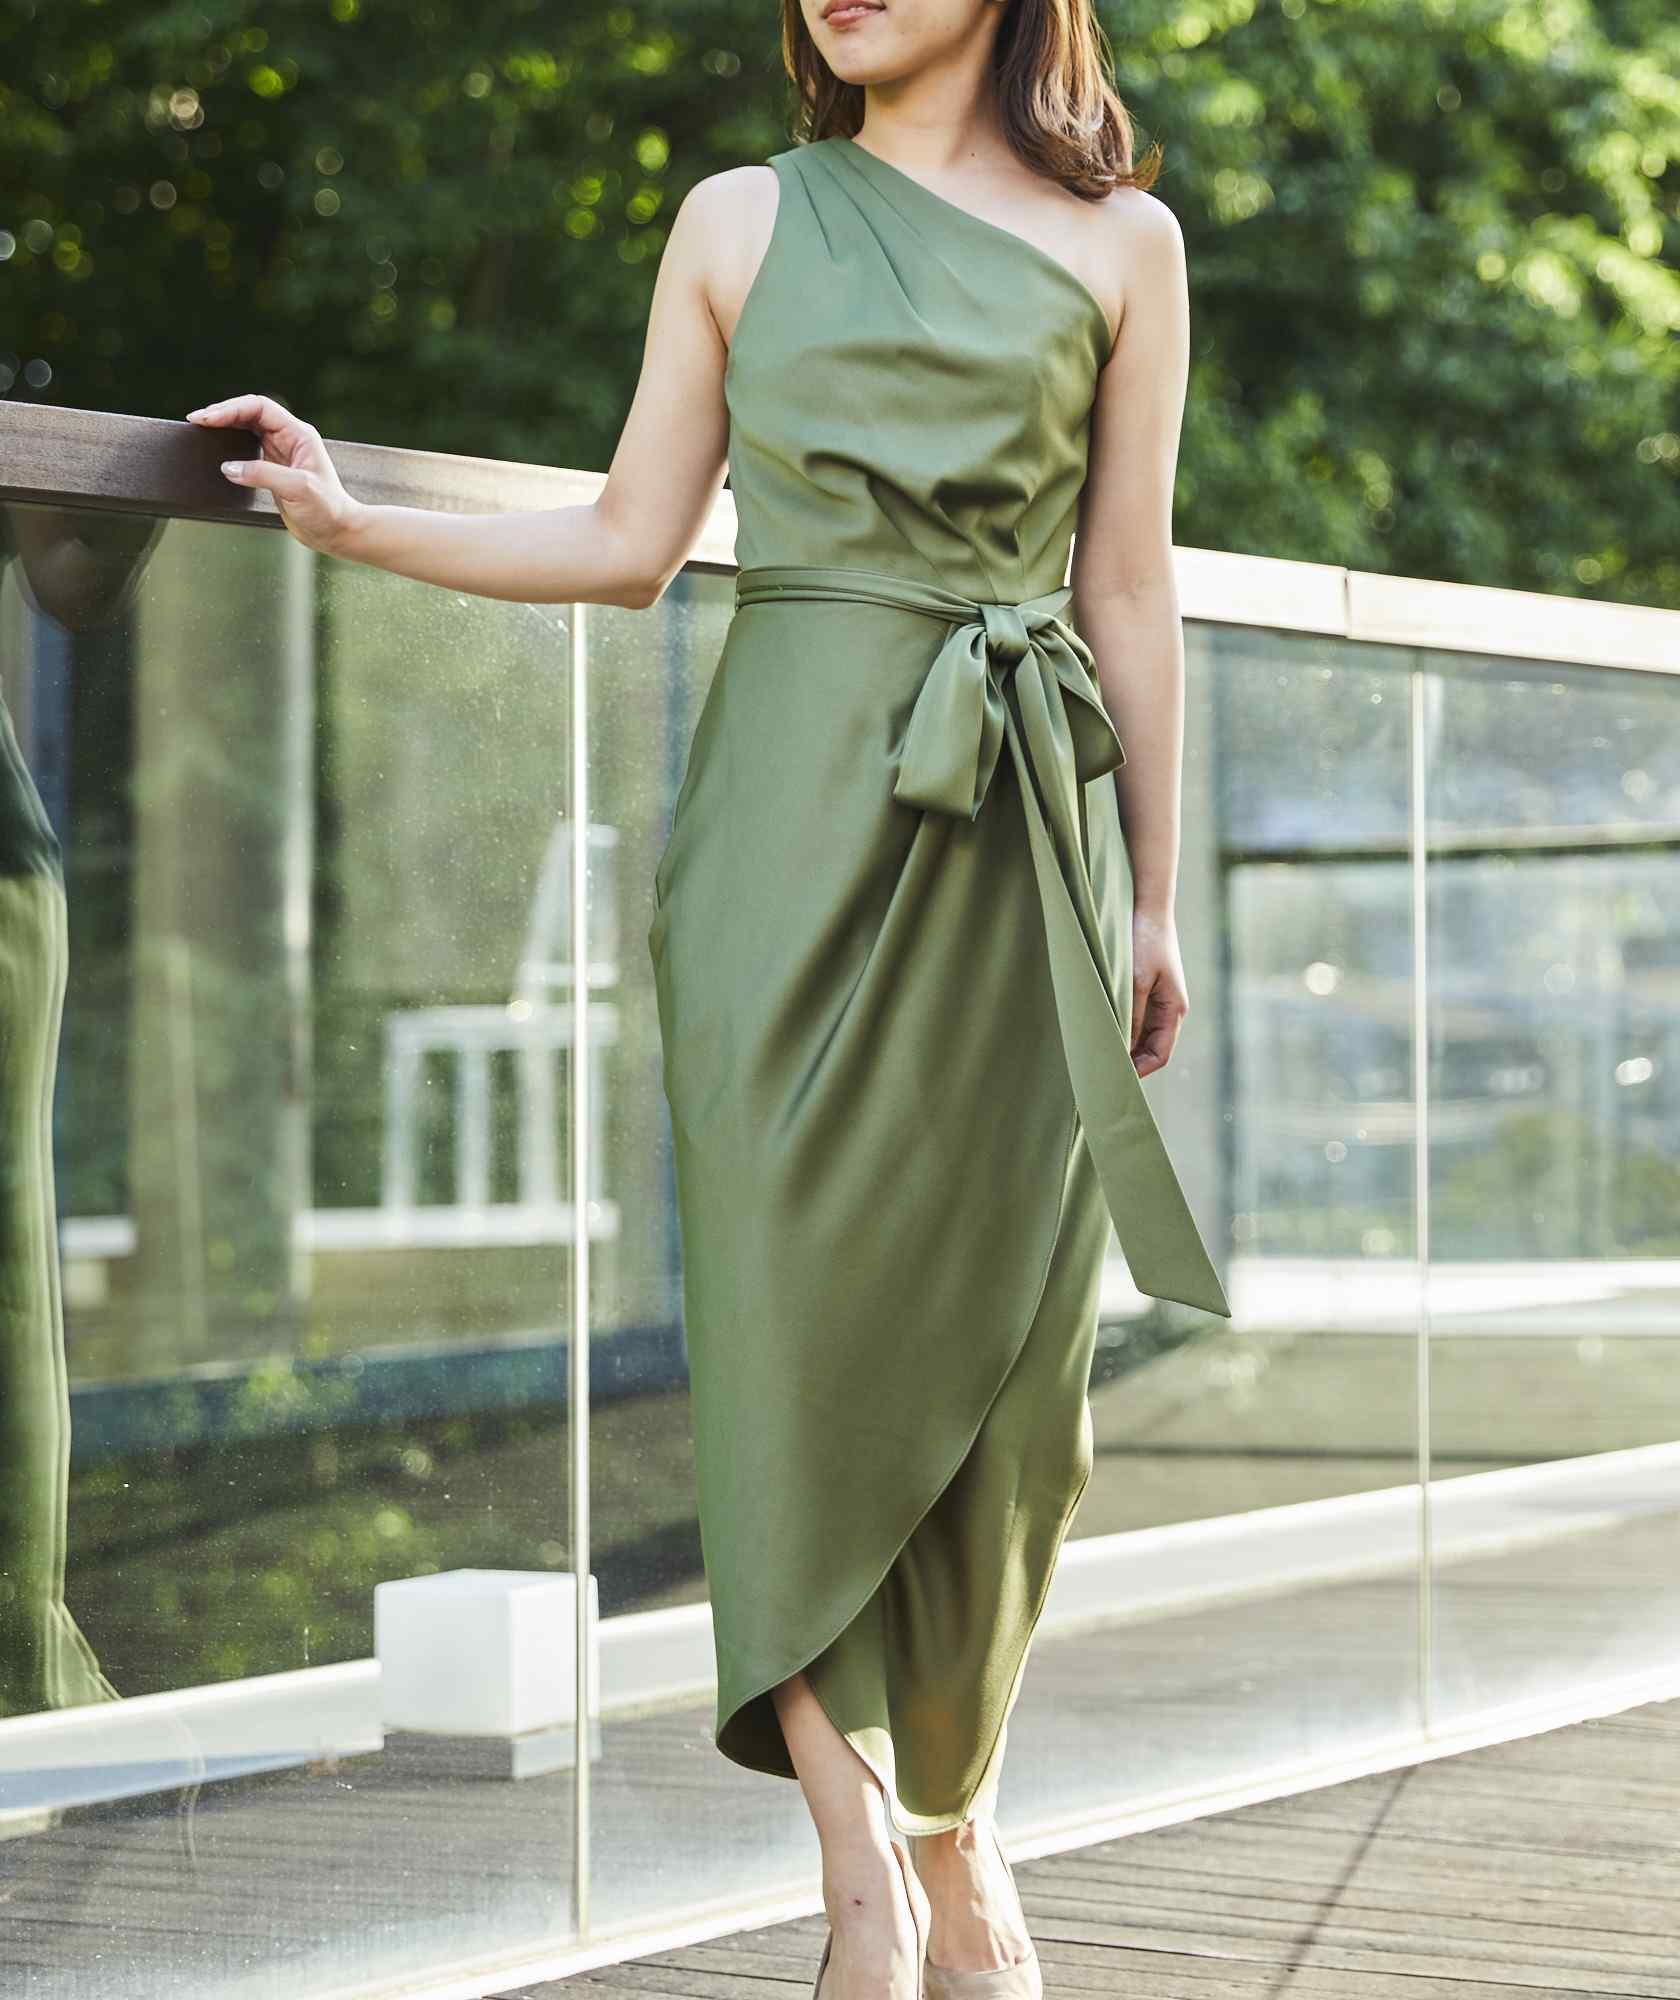 ワンショルダードレープミディアムドレス-グリーン-S